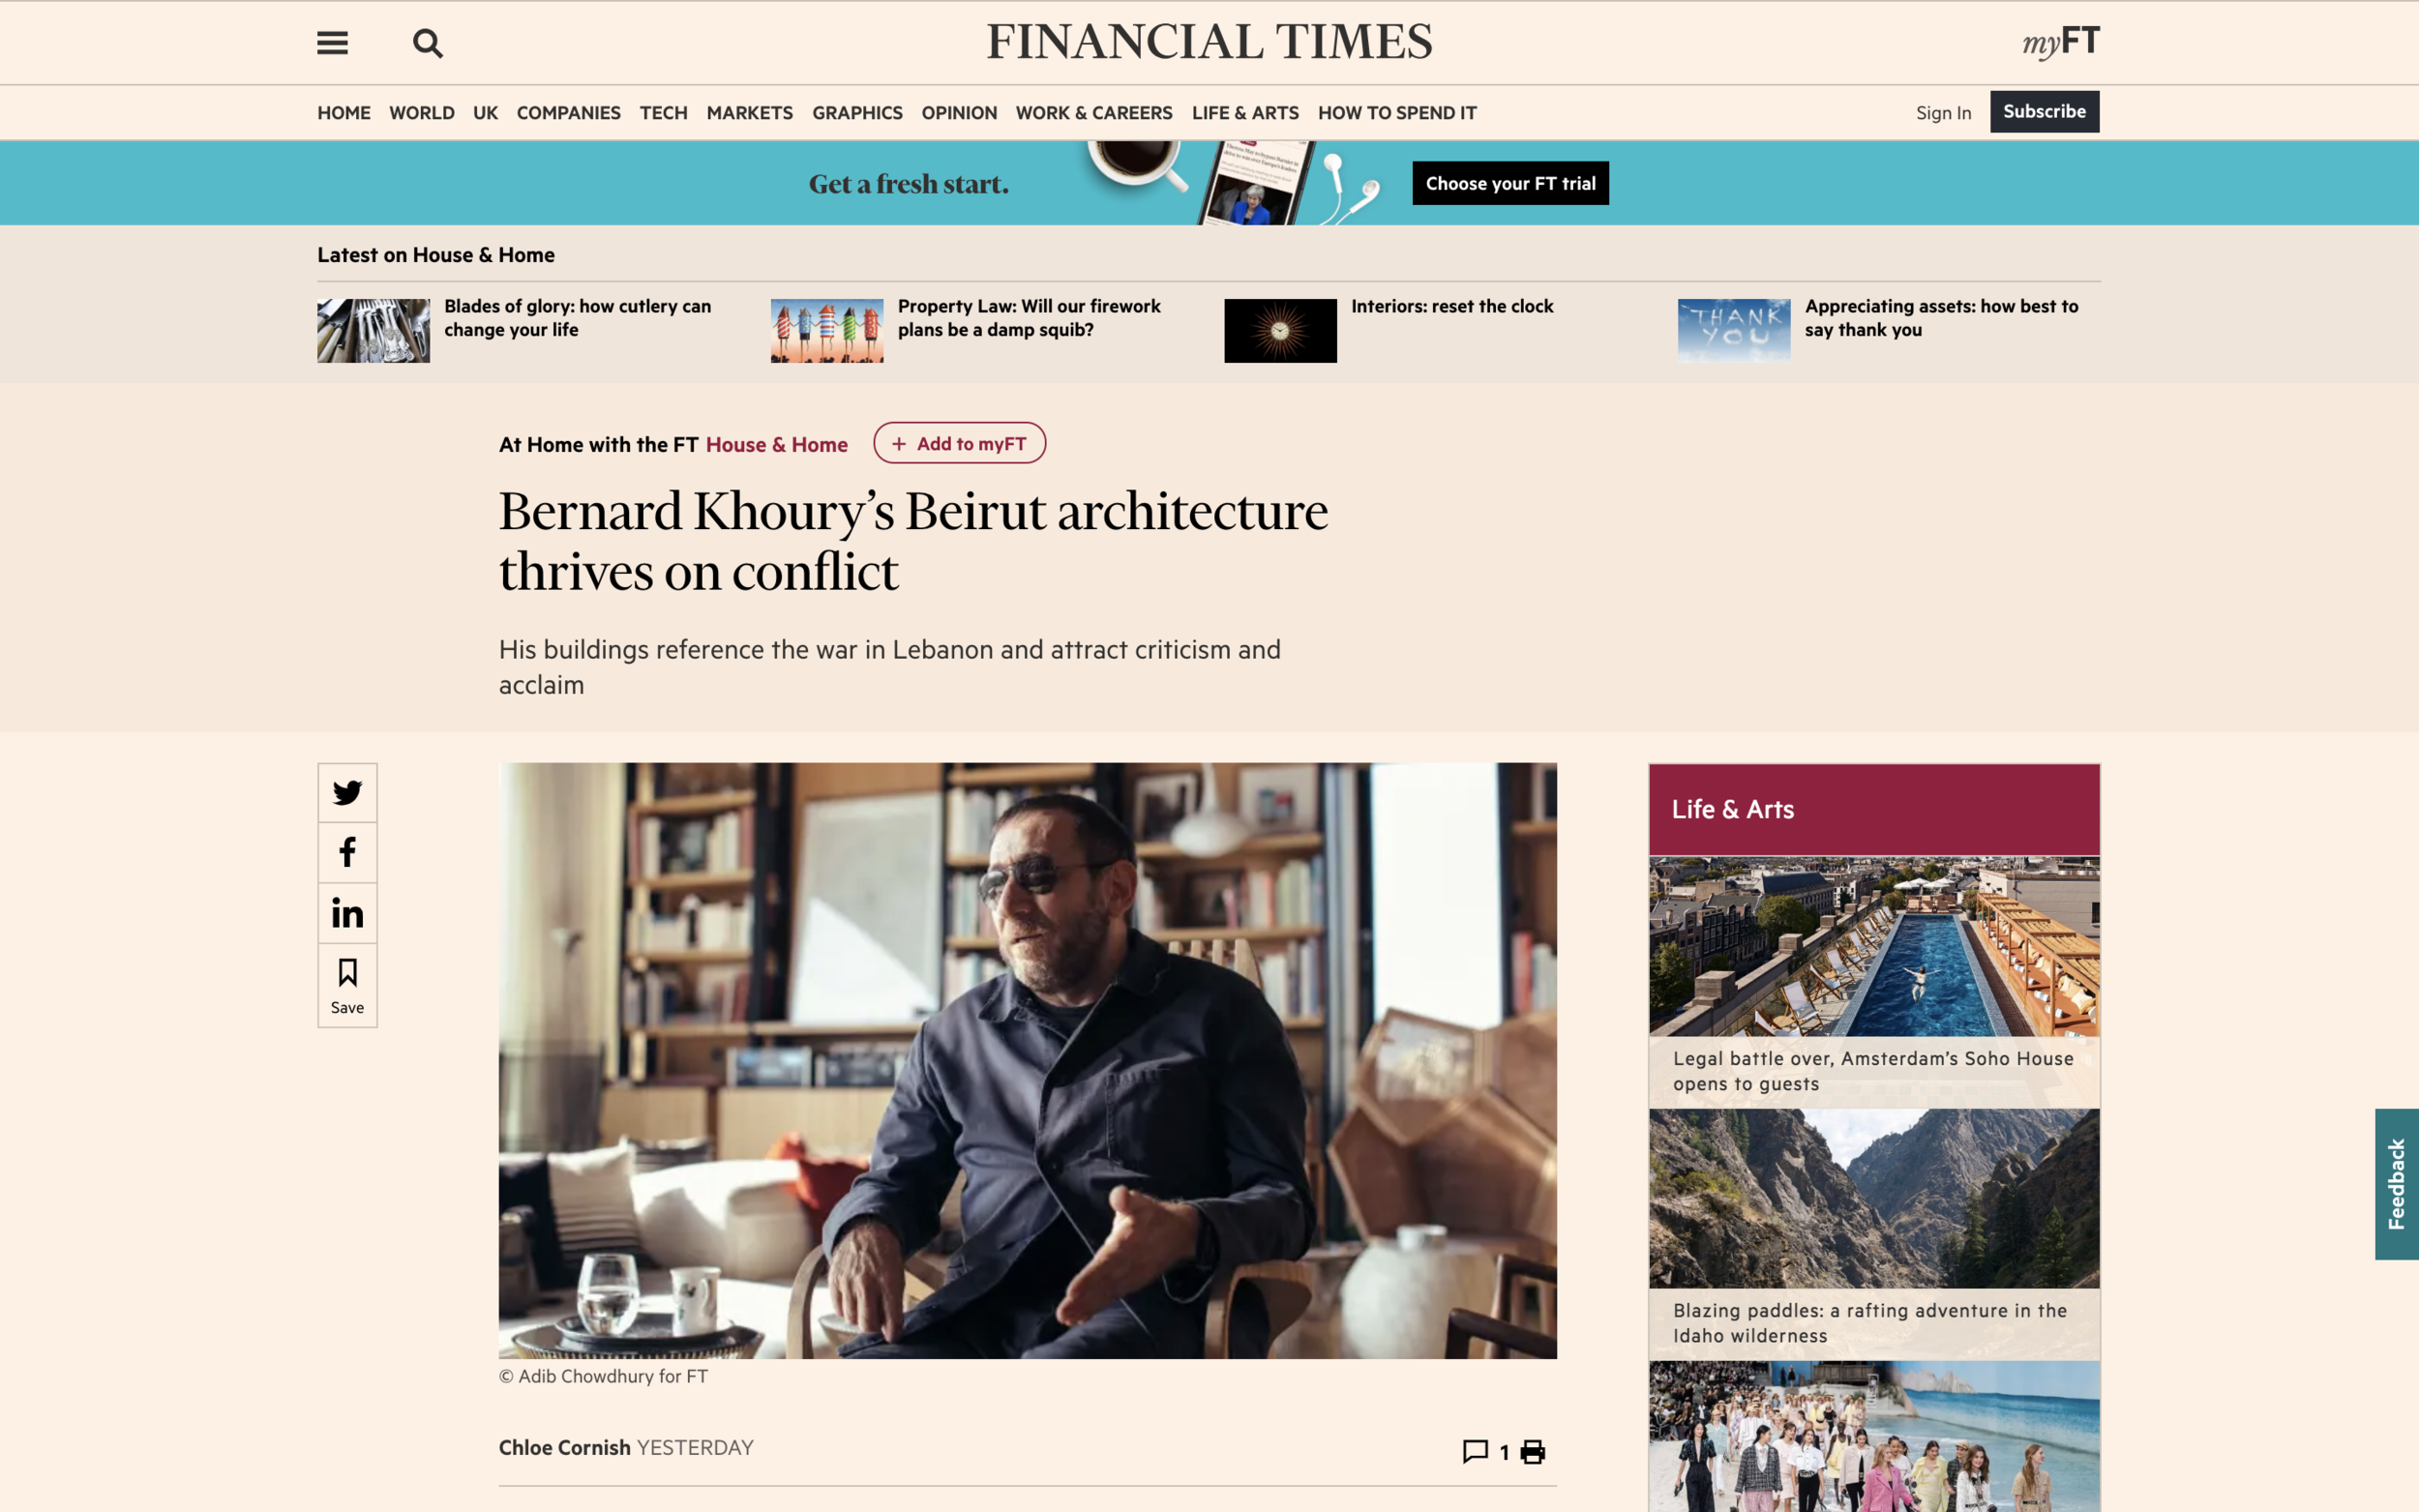 Financial Times, Dec. 2018